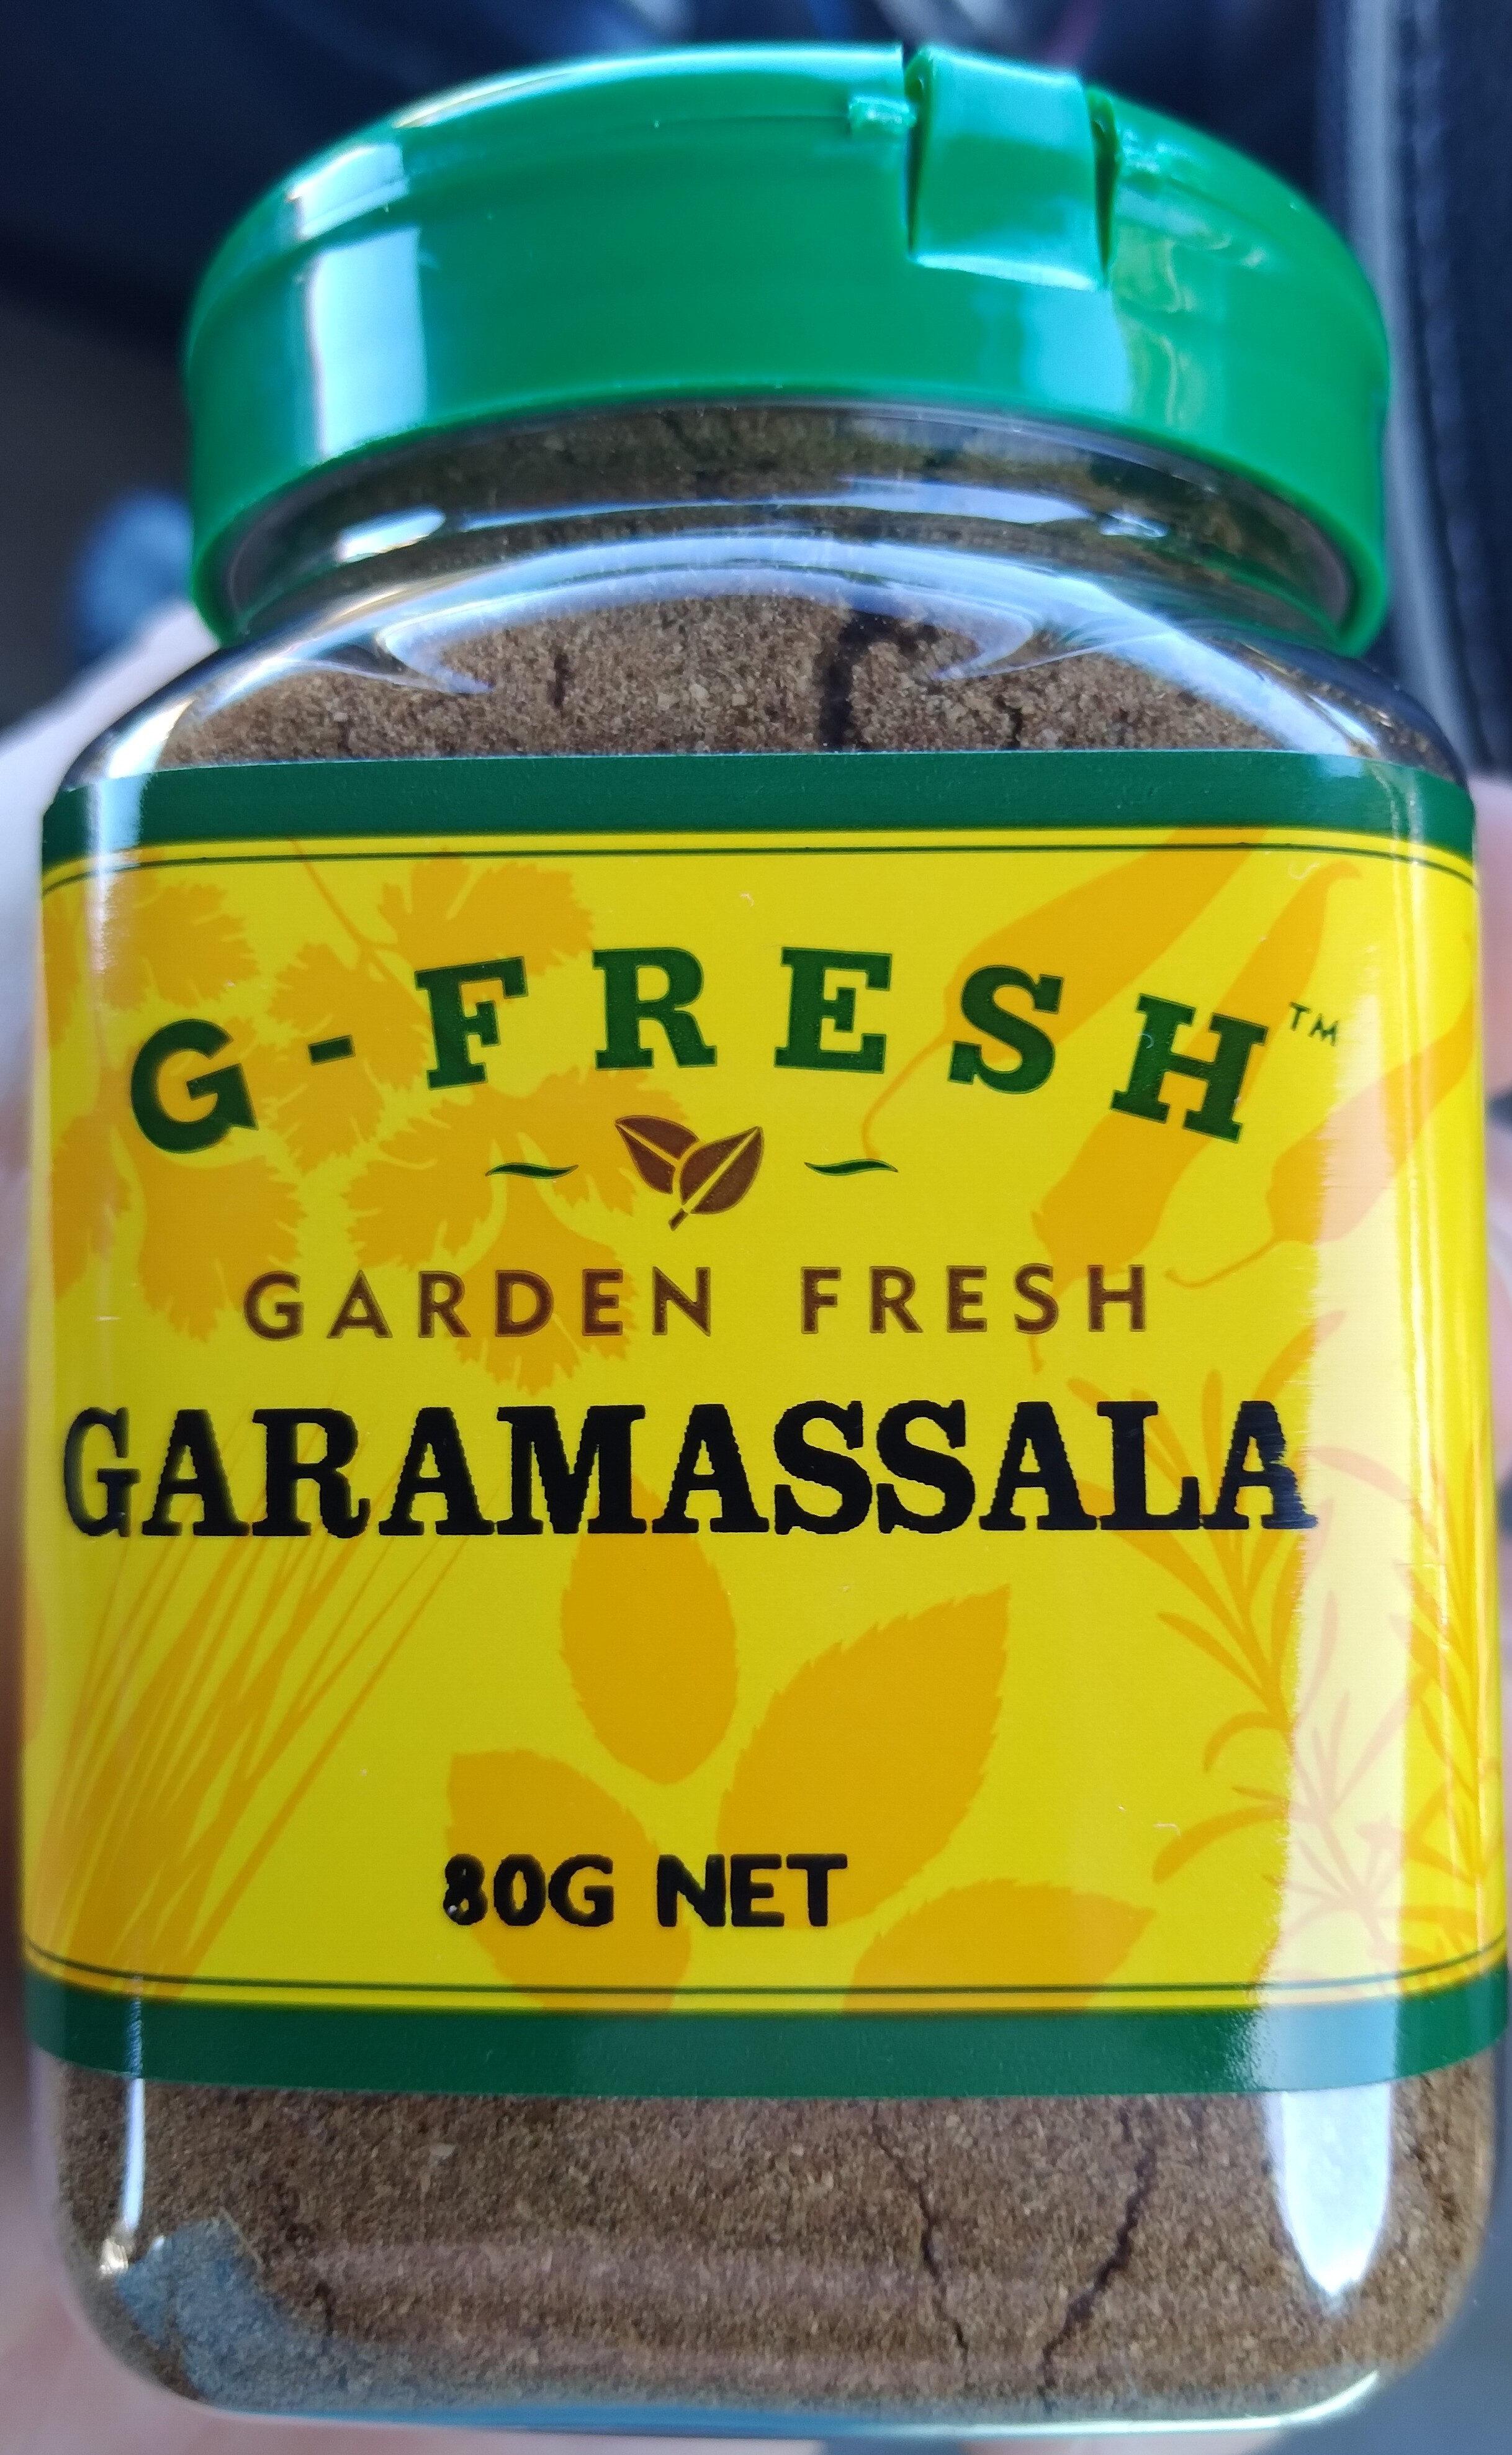 Garamassala - Product - en